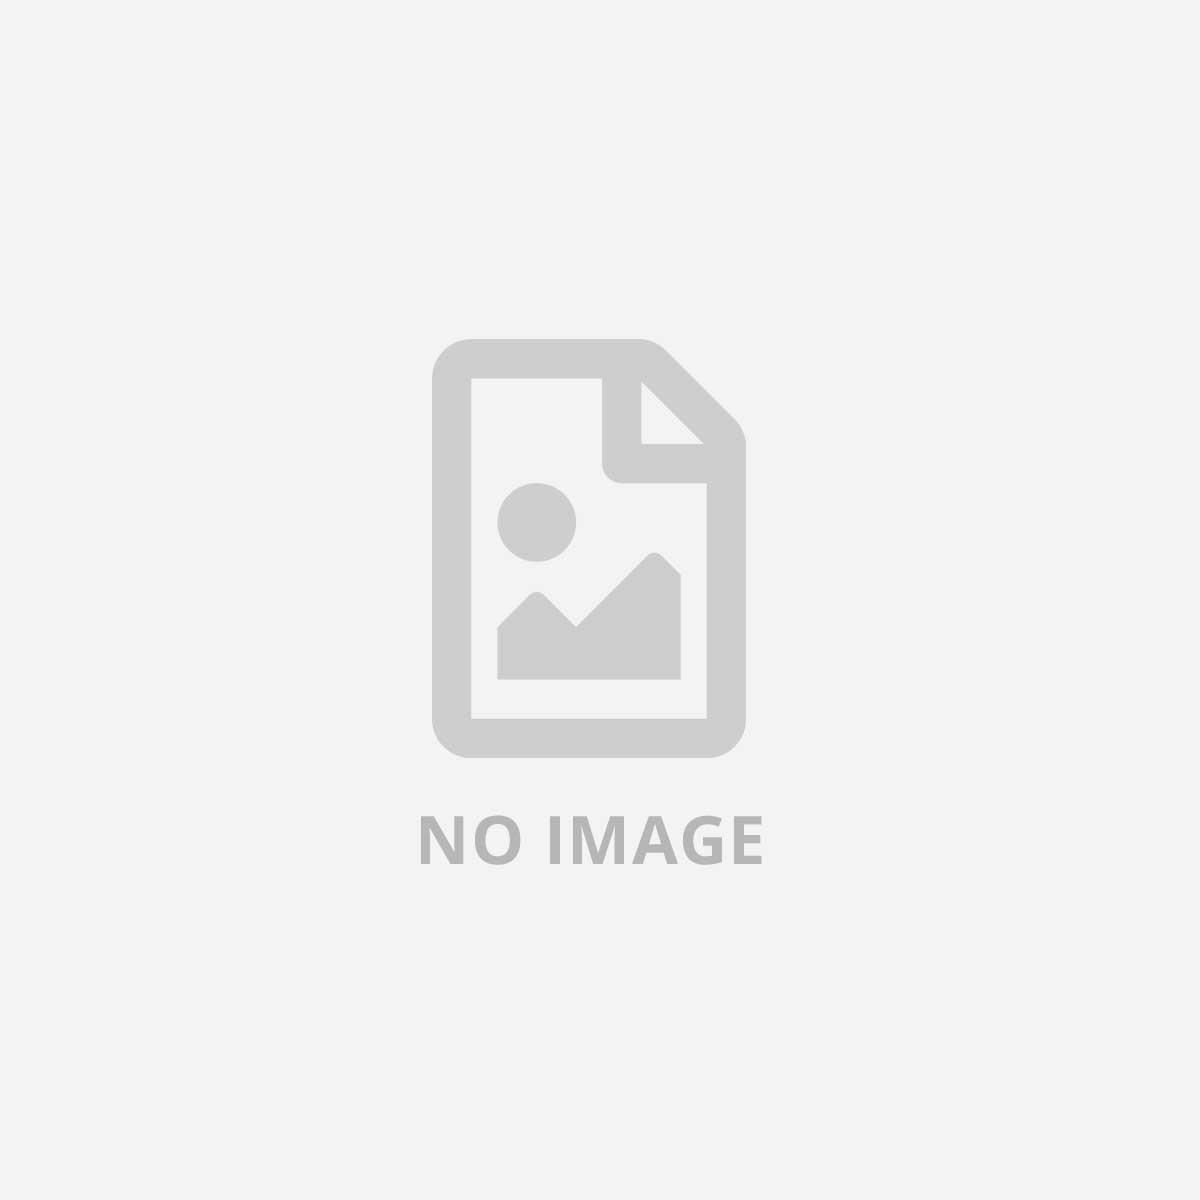 VERBATIM BOX ESTERNO PER HDD 2.5POLL.USB3.0